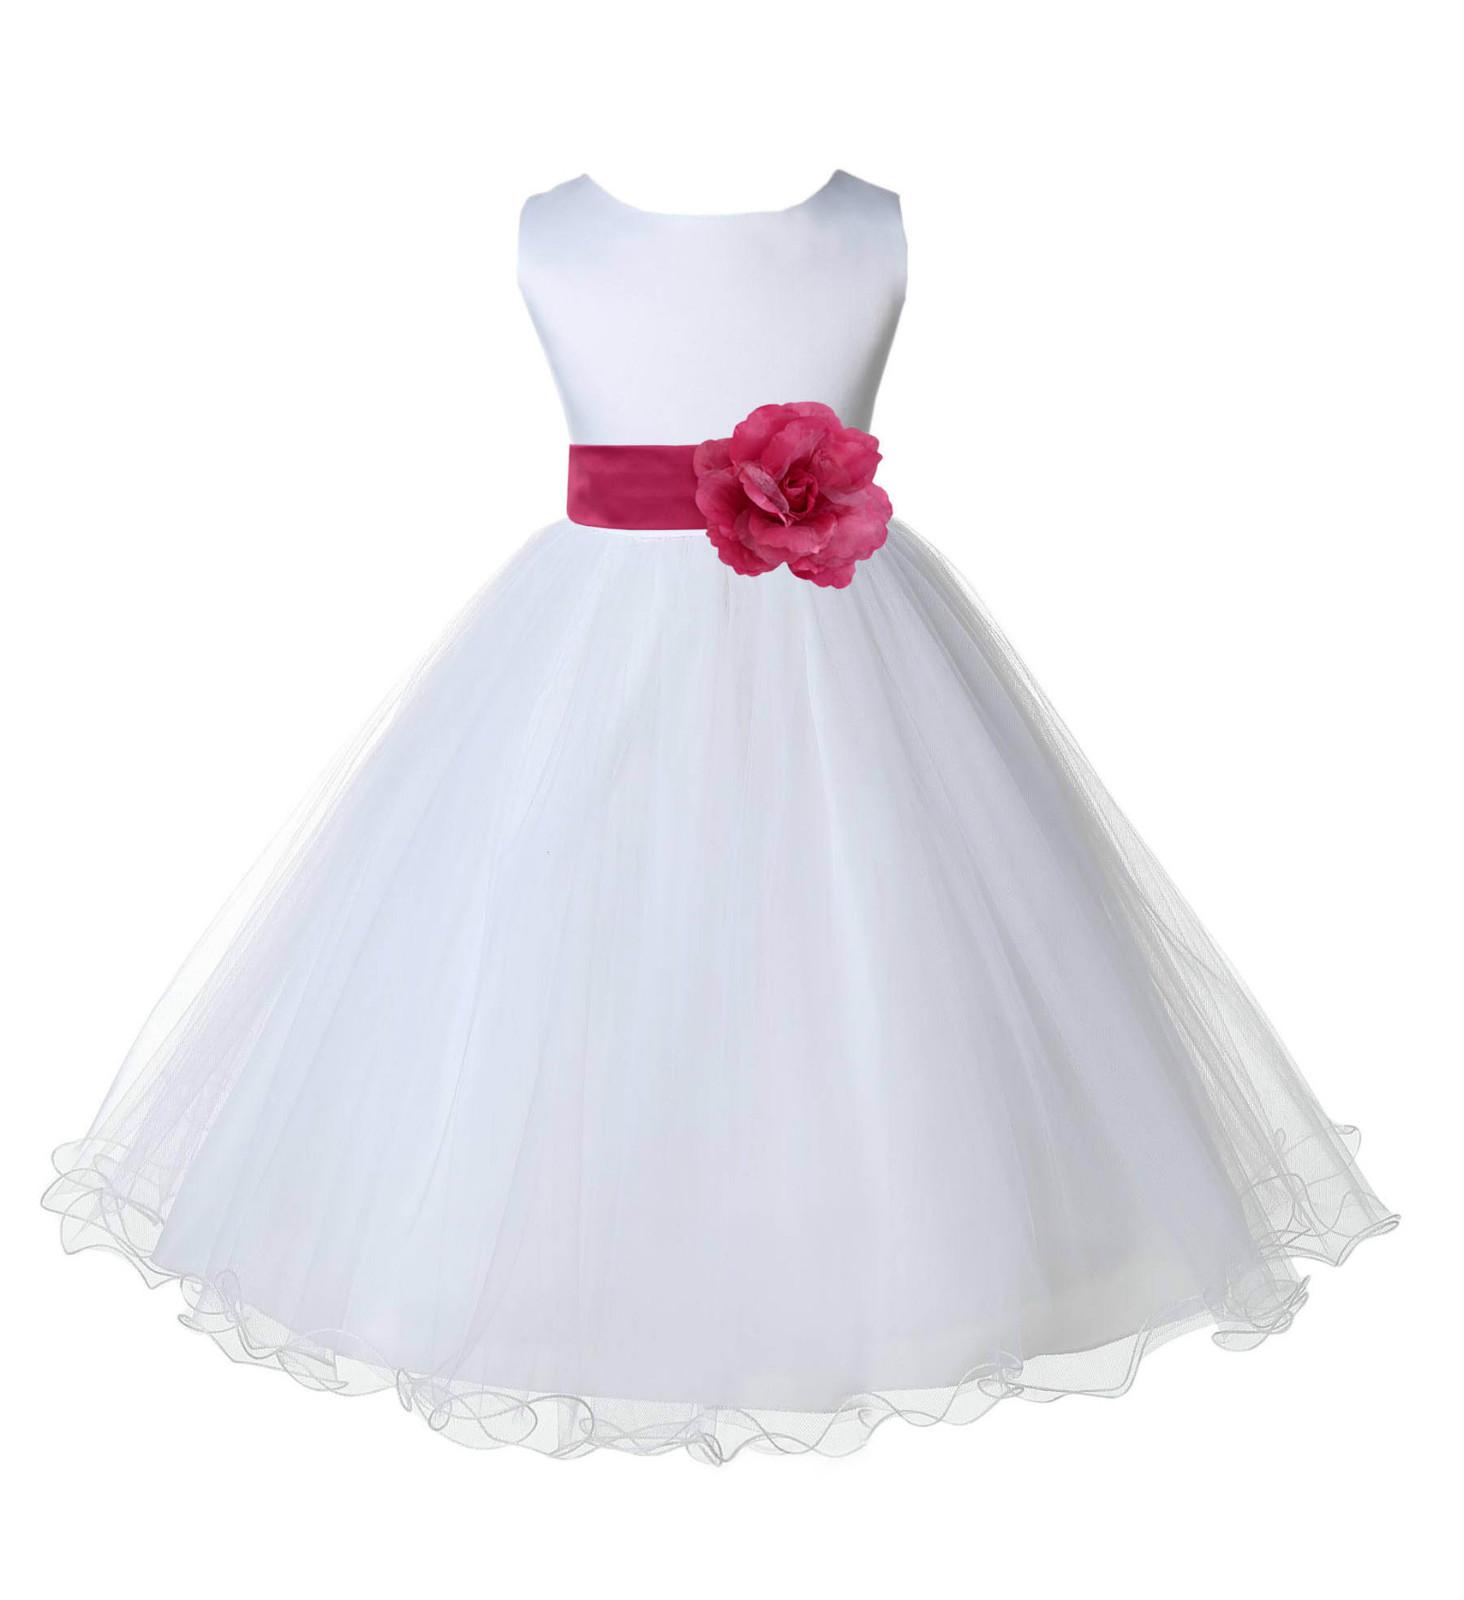 White Tulle Flower Girl dress Rattail edge and 50 similar items